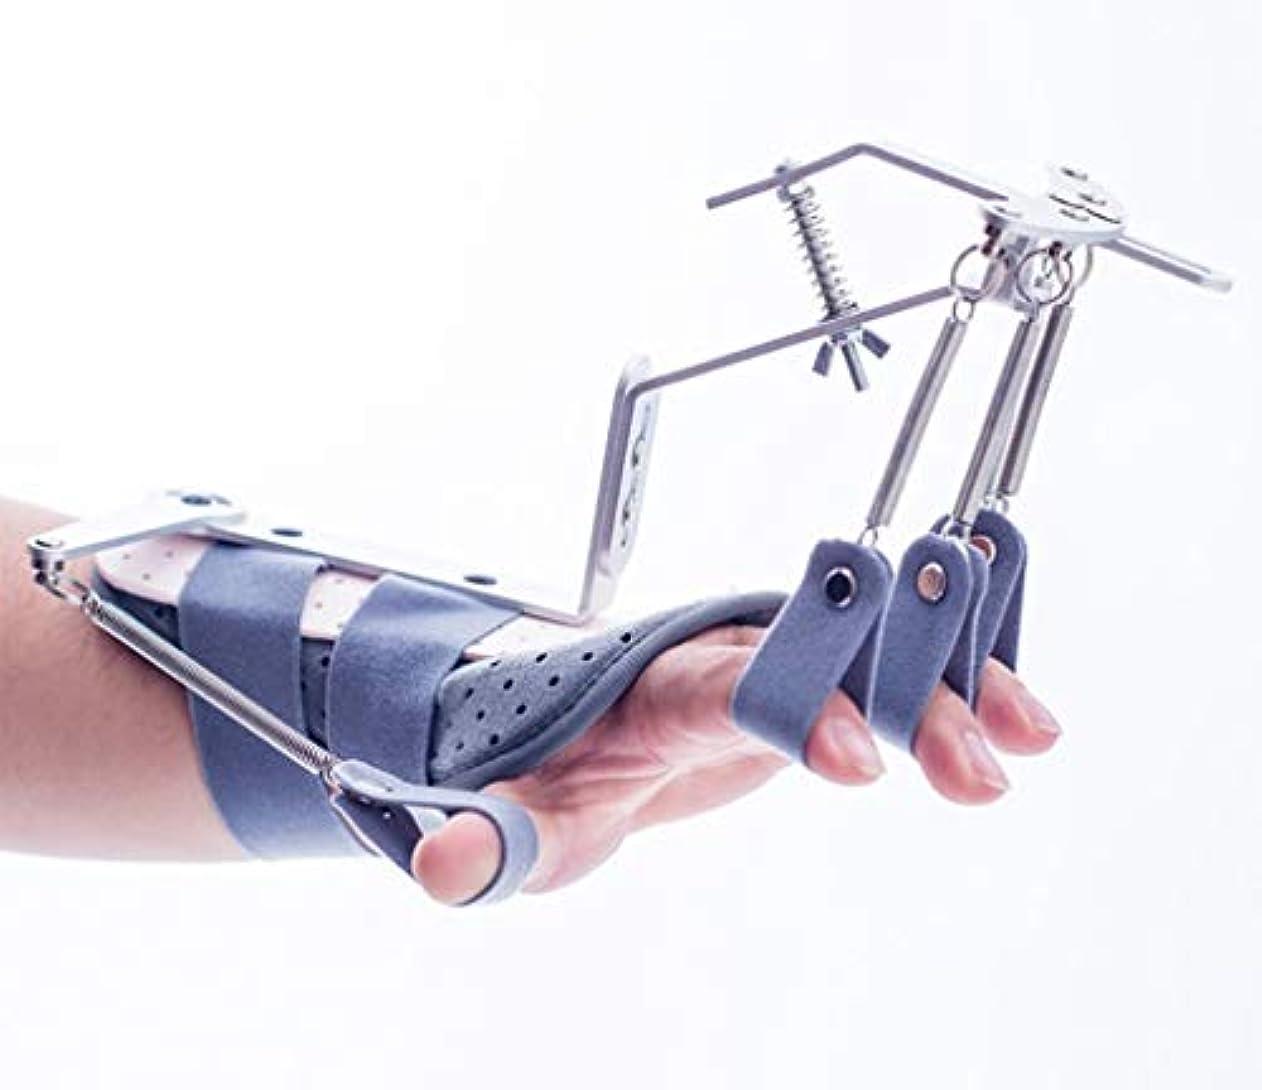 他に警戒シェア手指装具 フィンガーエクササイザー機器 適切な 脳梗塞の場合 血栓症脳卒中部 片麻痺保護